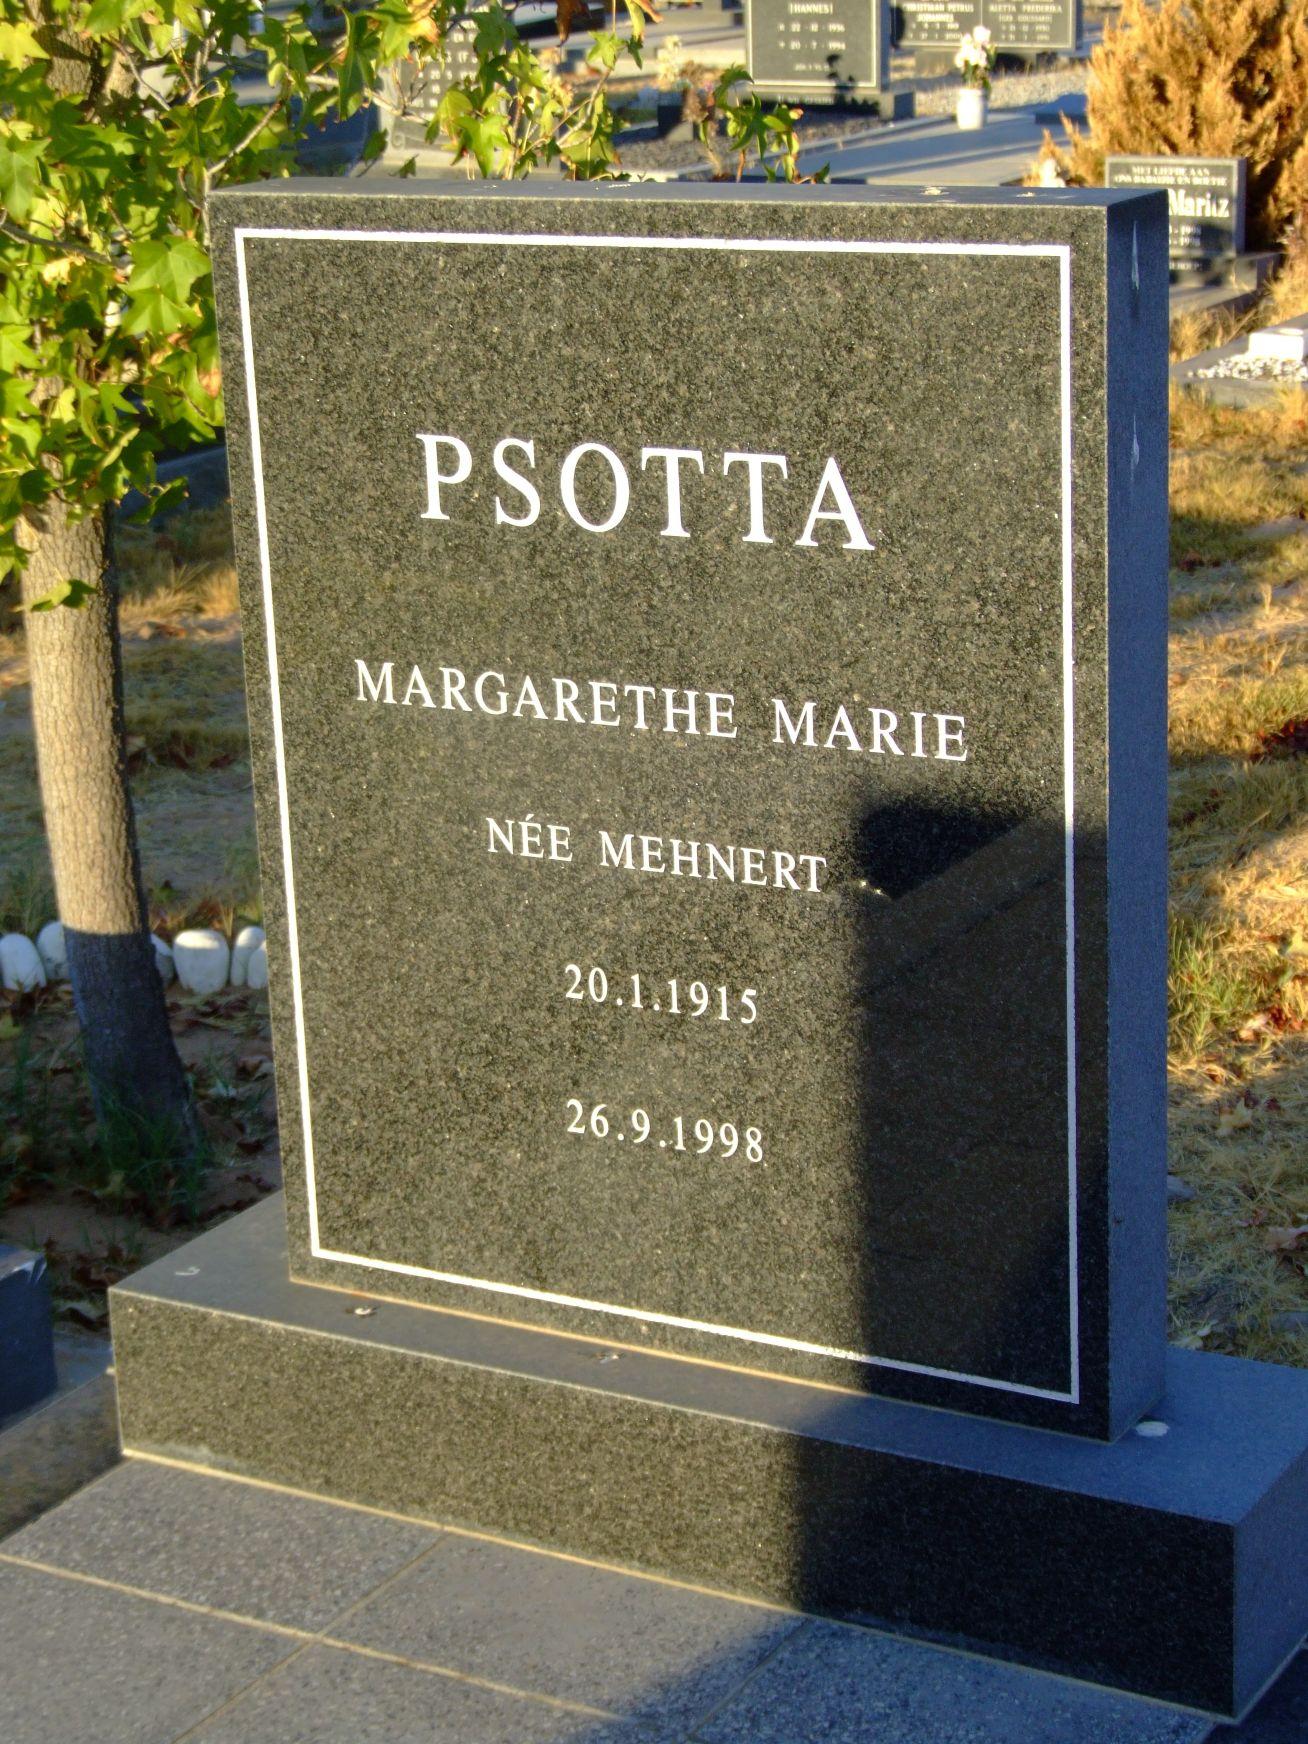 Psotta, Margarethe Marie